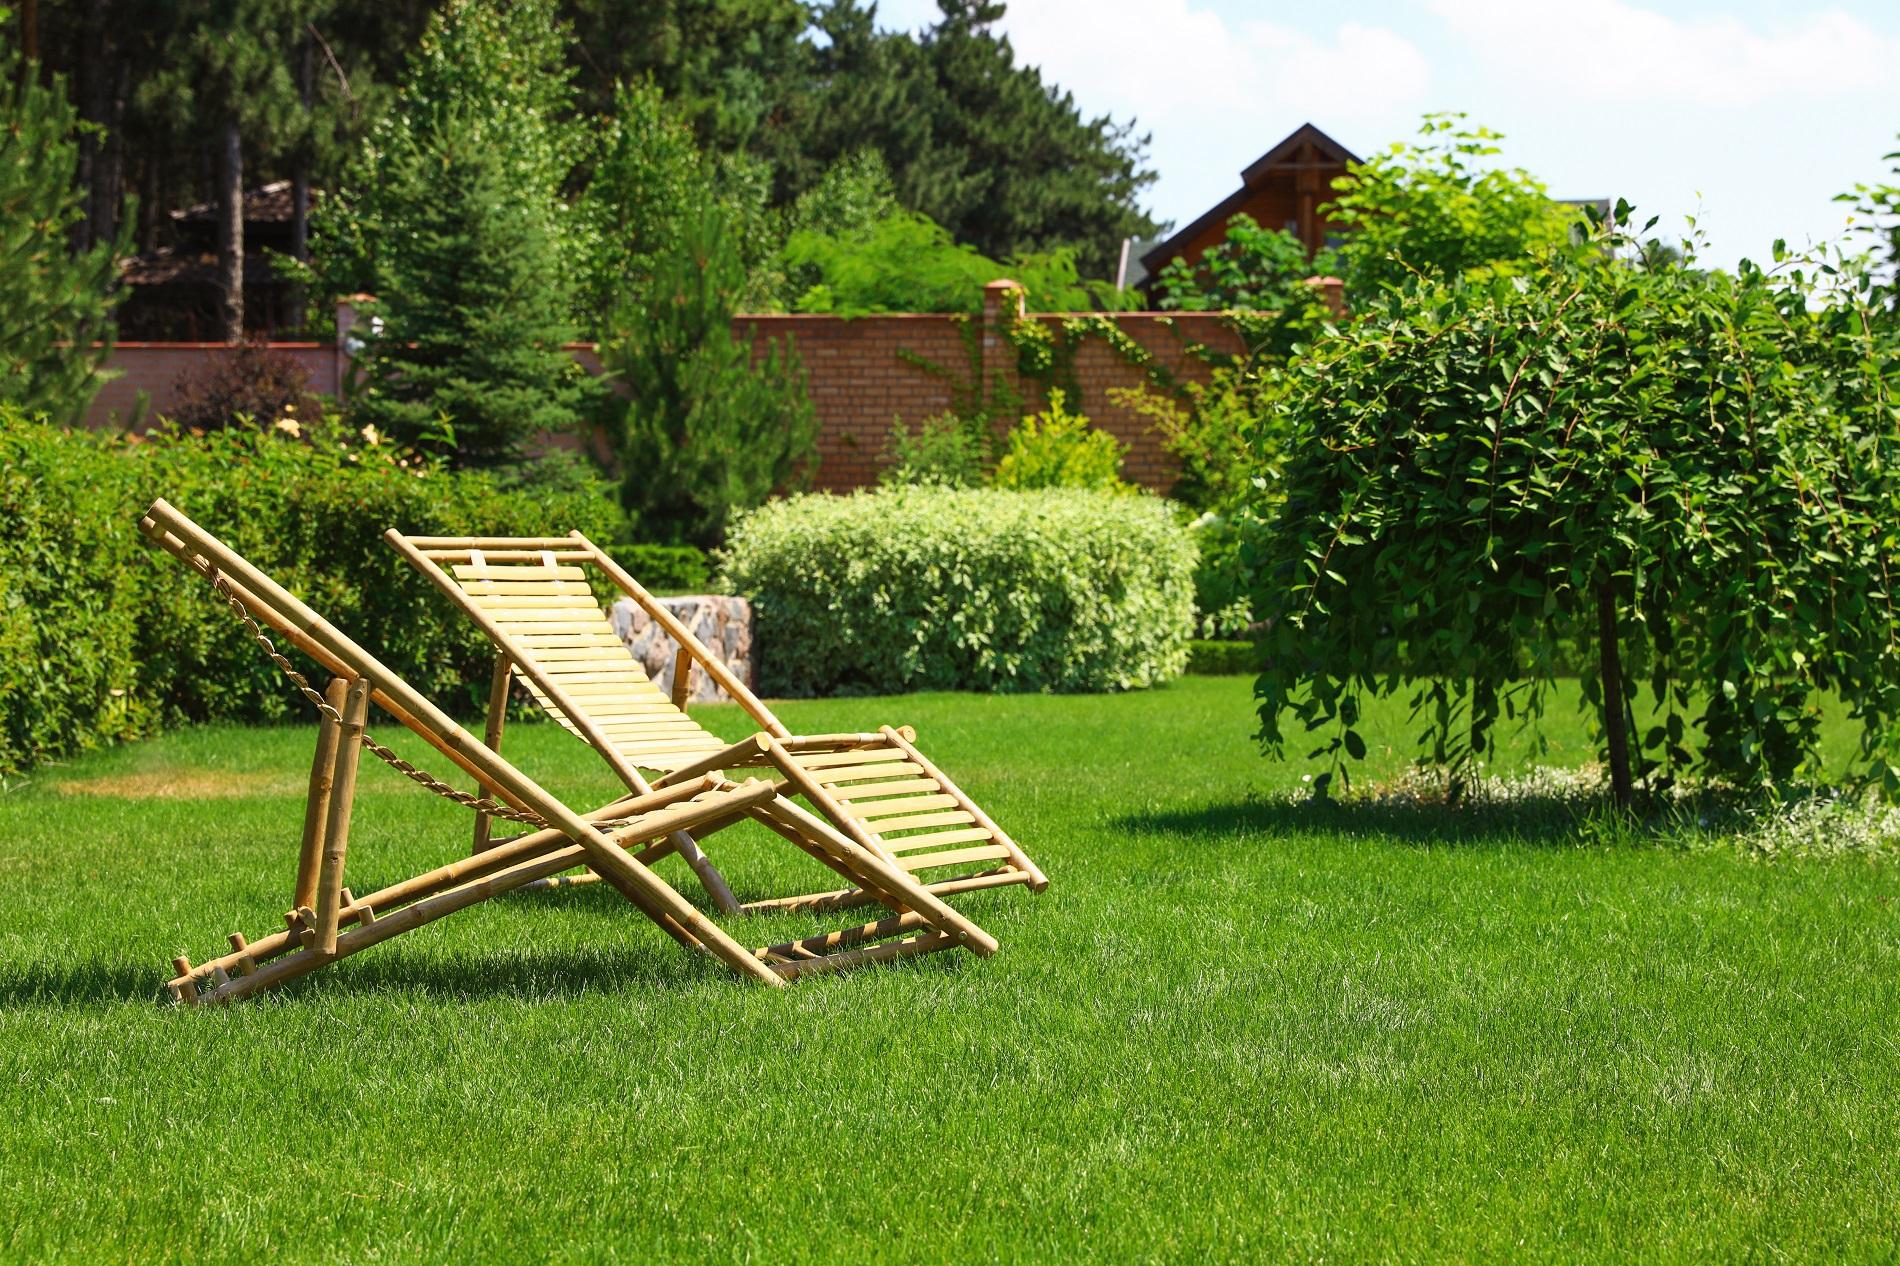 6 consejos prácticos para que tu jardín luzca sus mejores galas en primavera